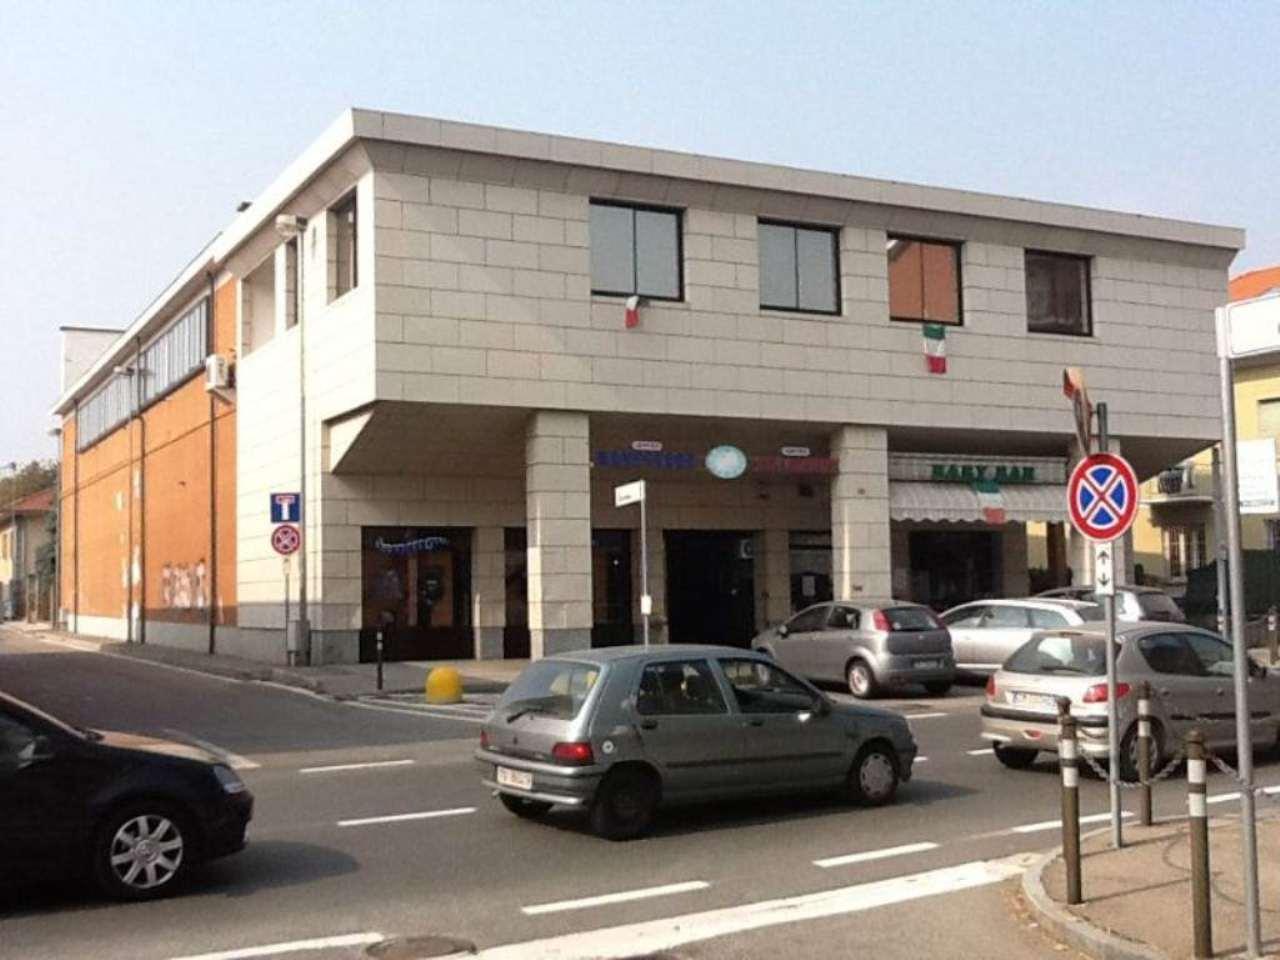 Negozio / Locale in vendita a Alpignano, 2 locali, prezzo € 230.000 | CambioCasa.it